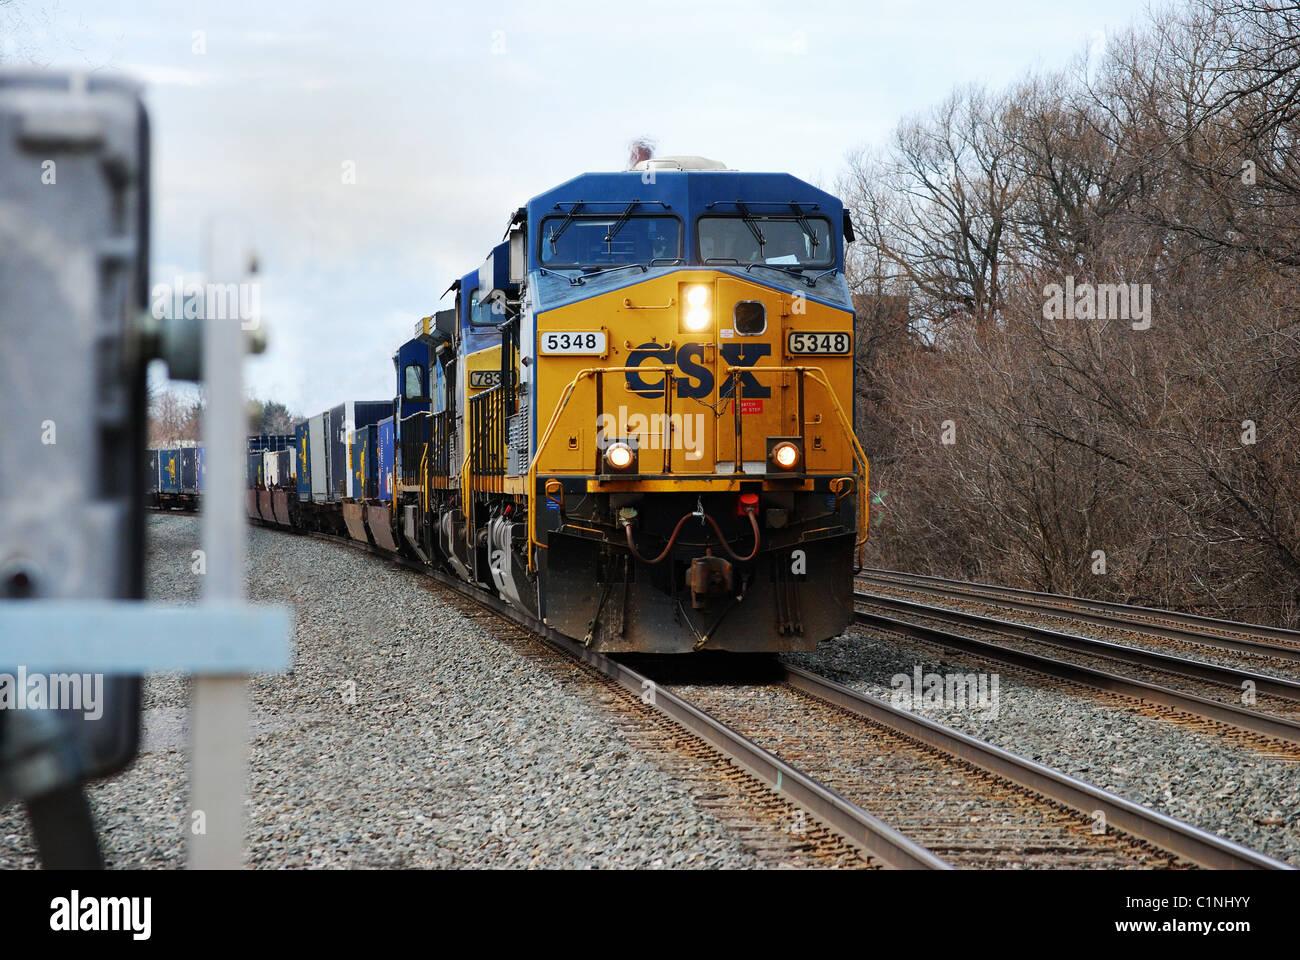 photograph csx train2650 by - photo #24